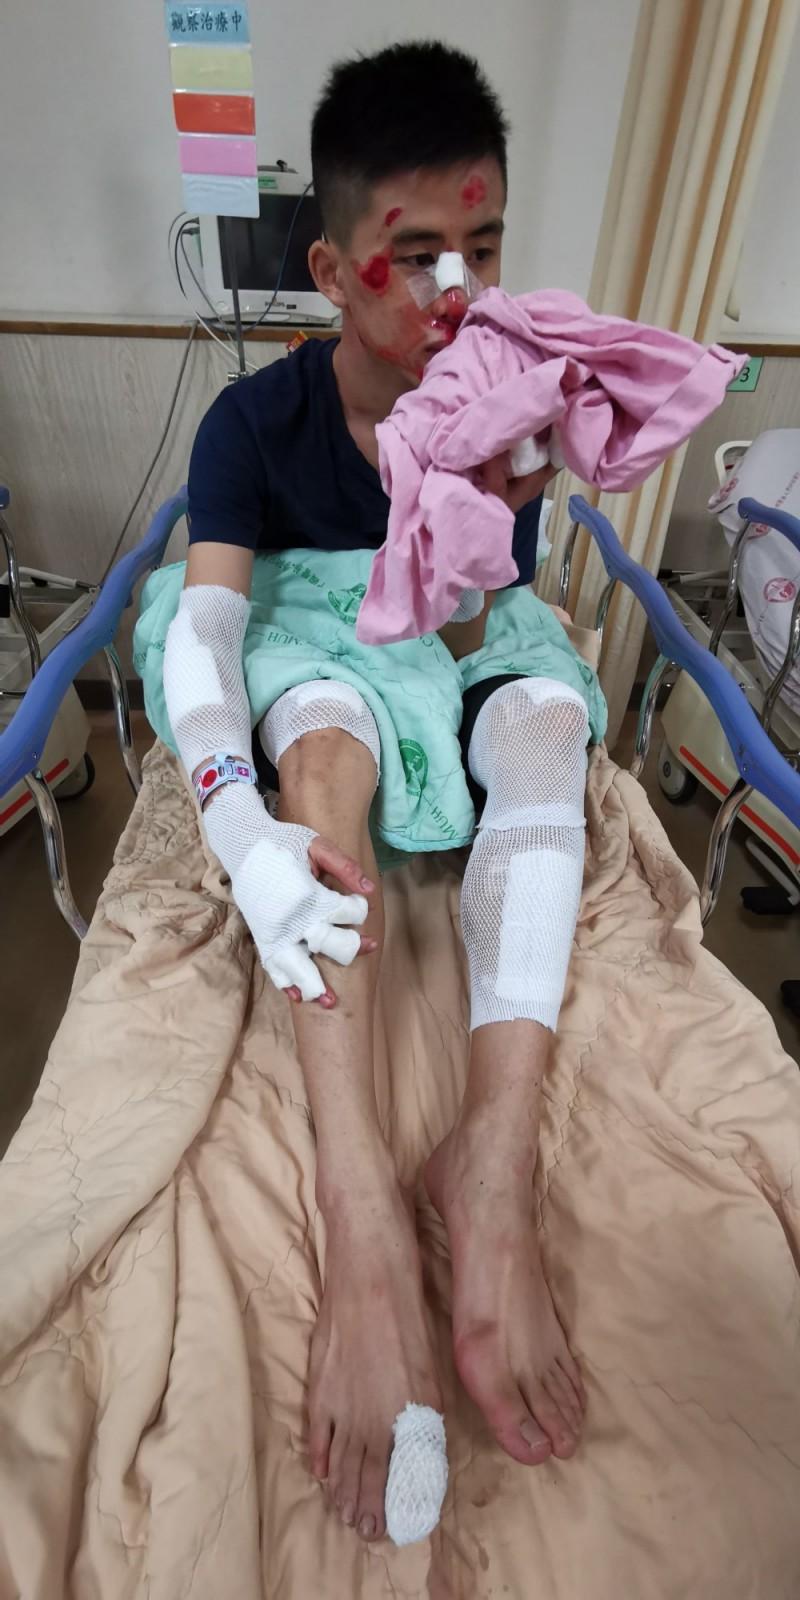 擔任學徒的姚弟弟,摔得全身擦傷、鼻樑斷裂。(姚先生提供、記者張瑞楨翻攝)